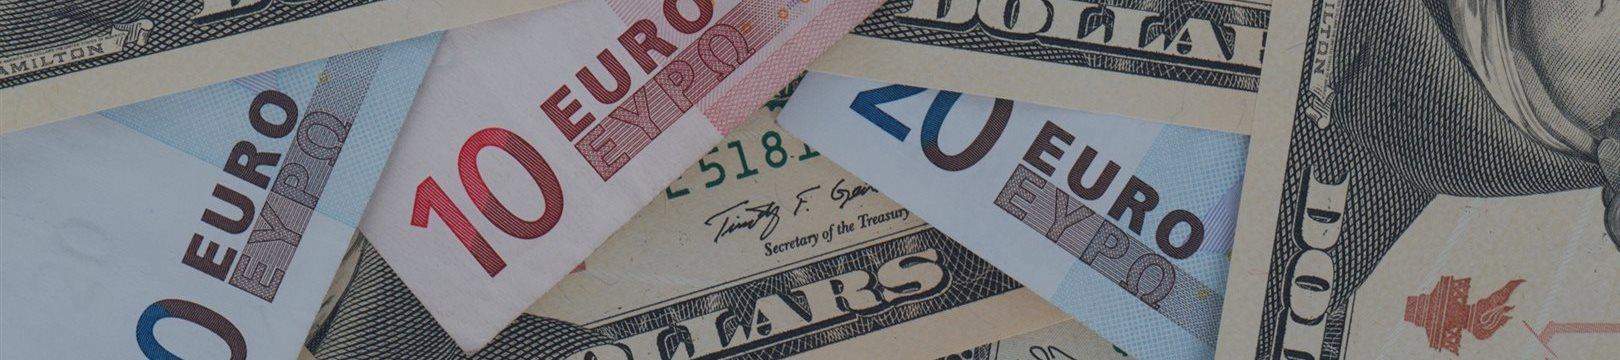 瑞信:欧元-最终崩盘前先歇一歇